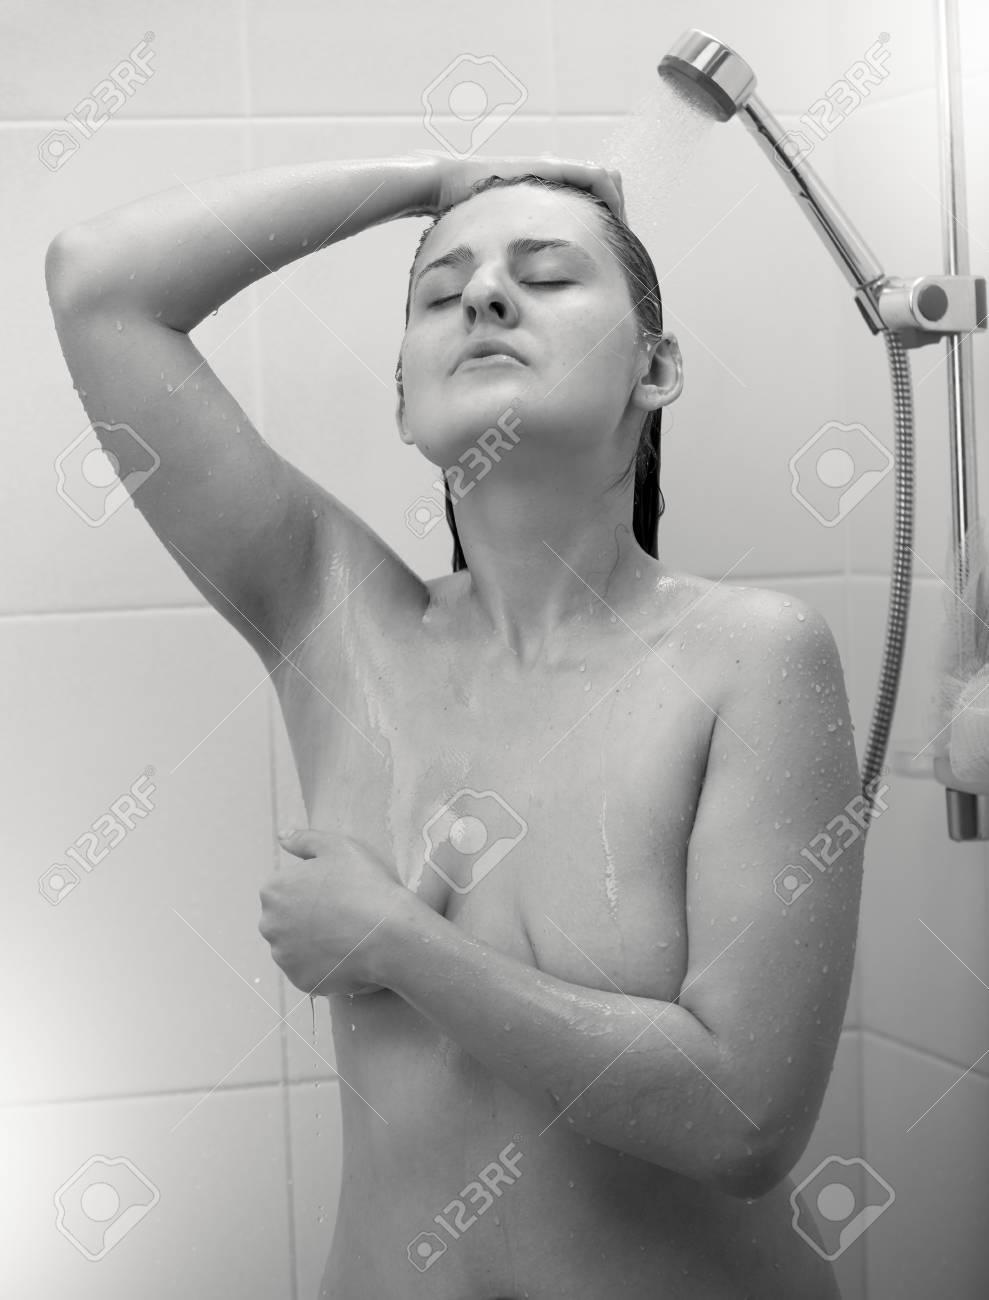 Sexy black girls under shower